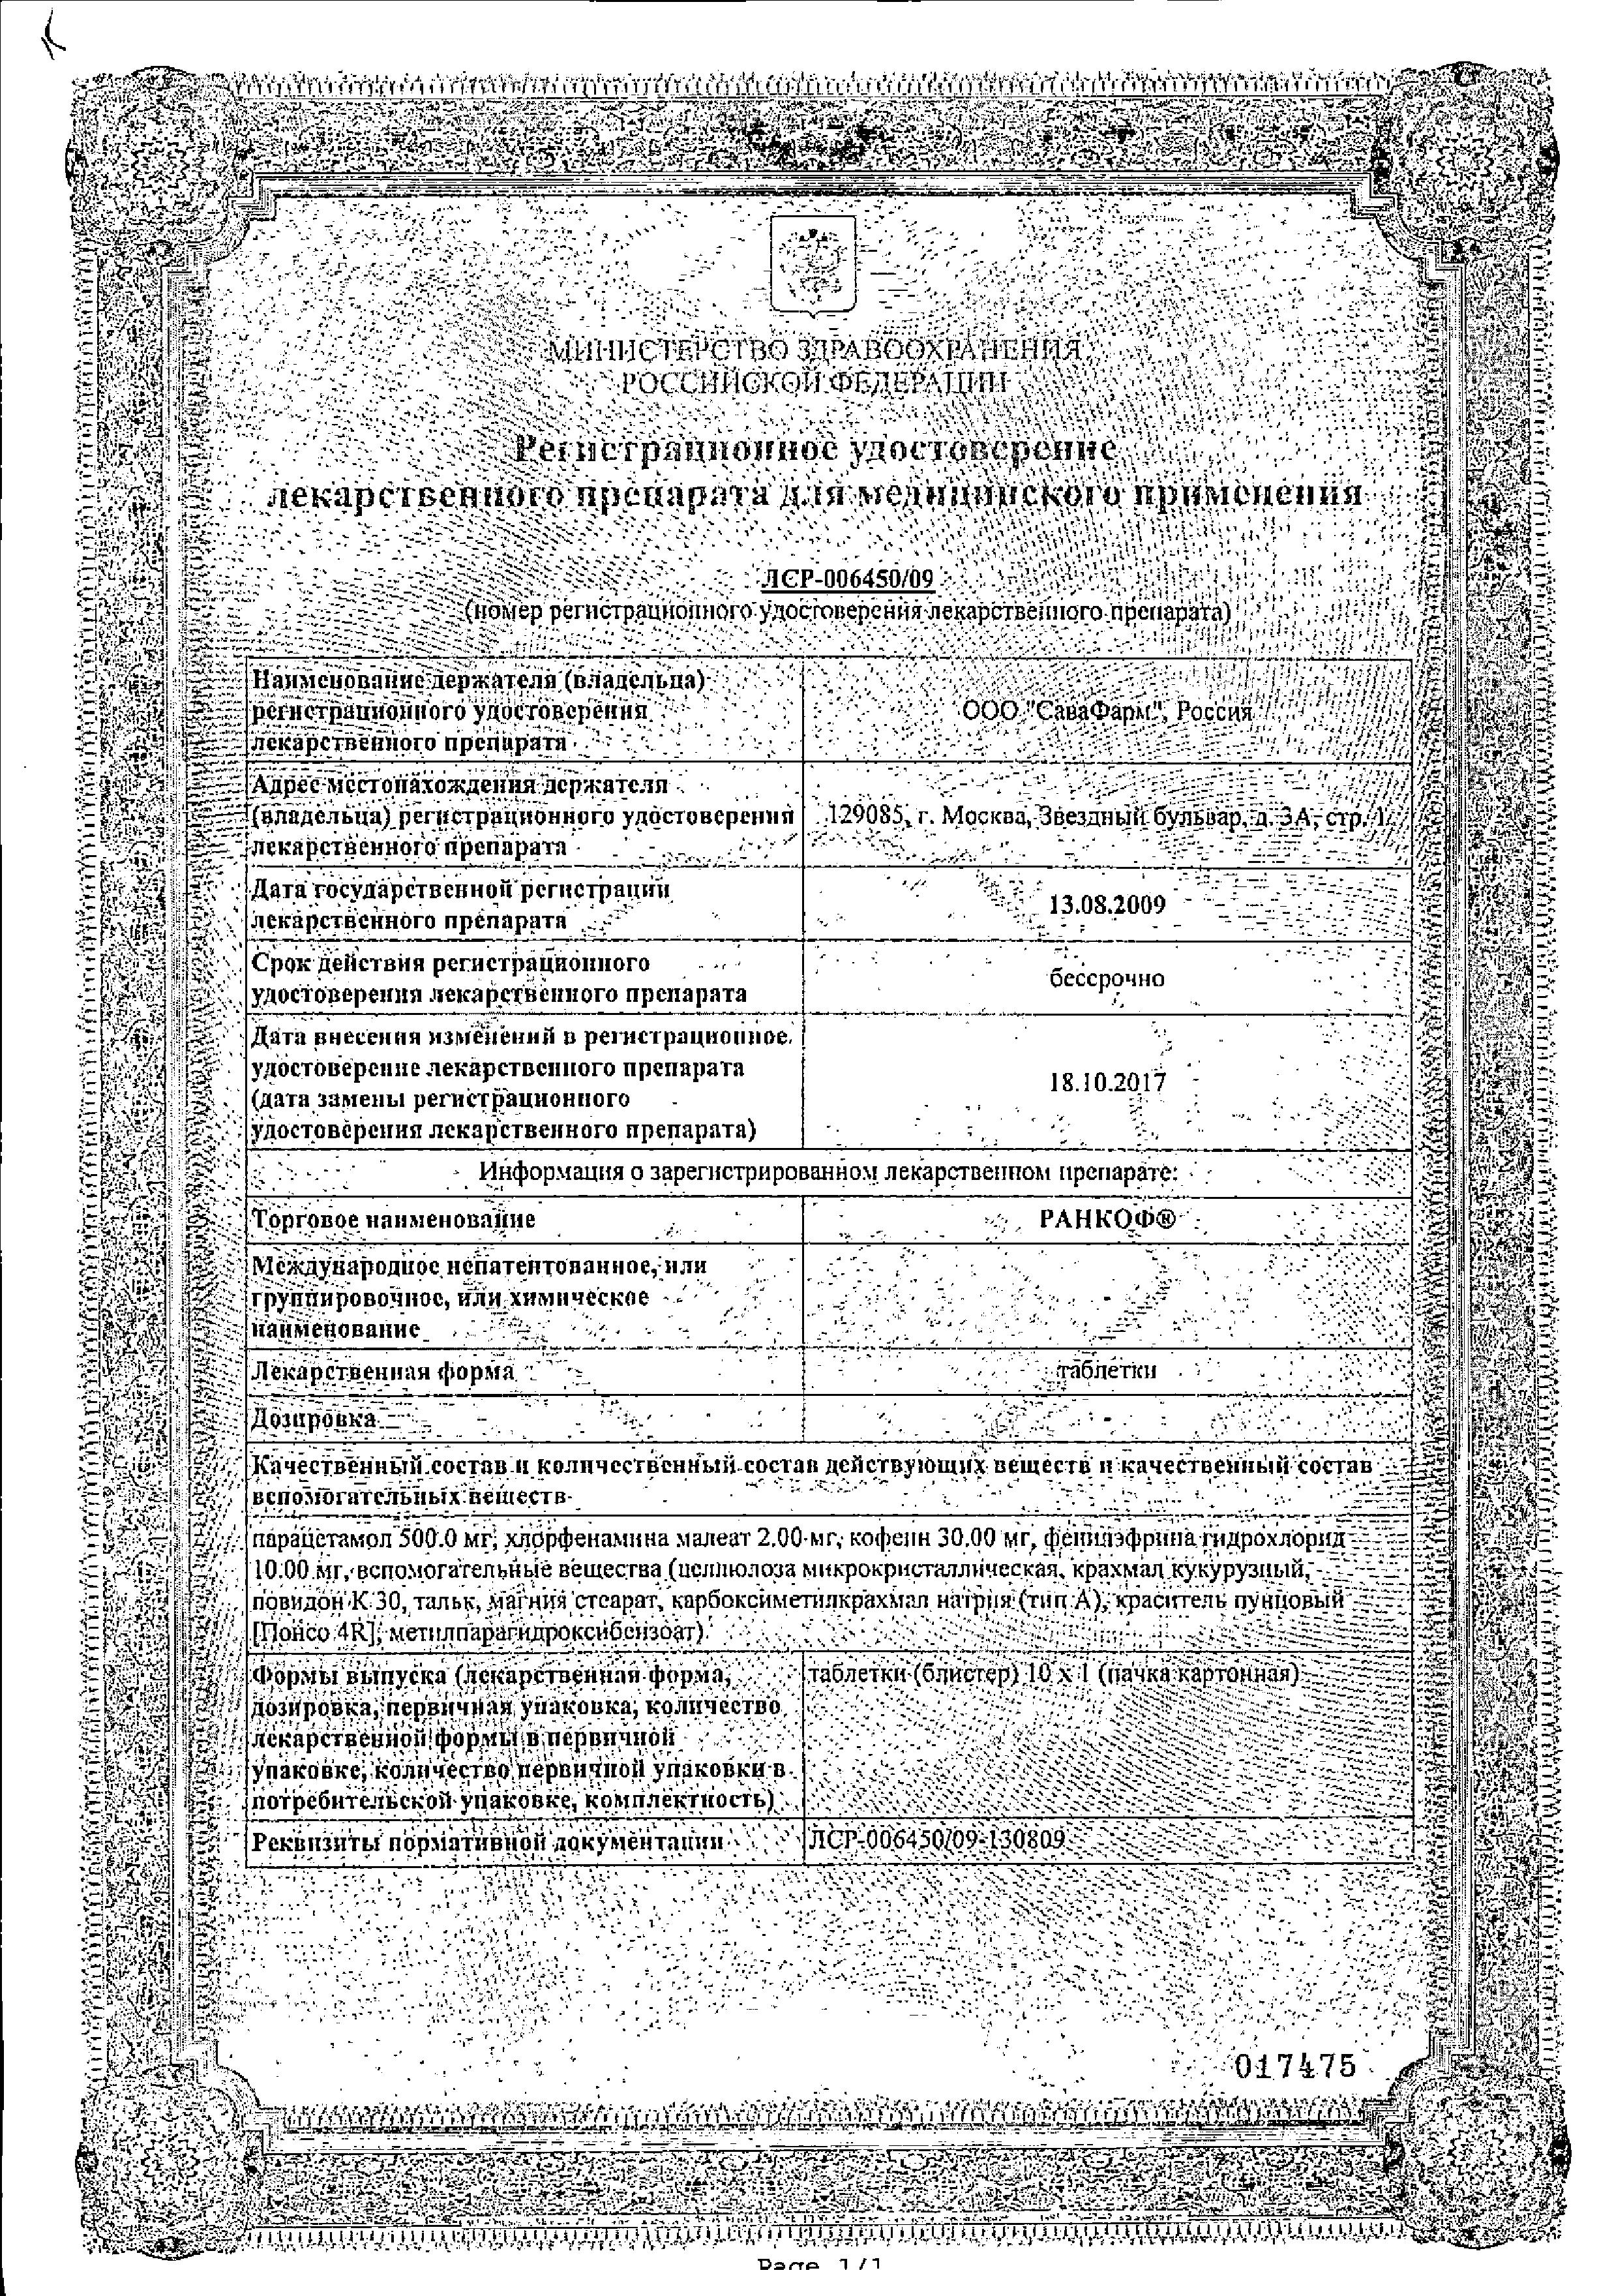 Ранкоф сертификат